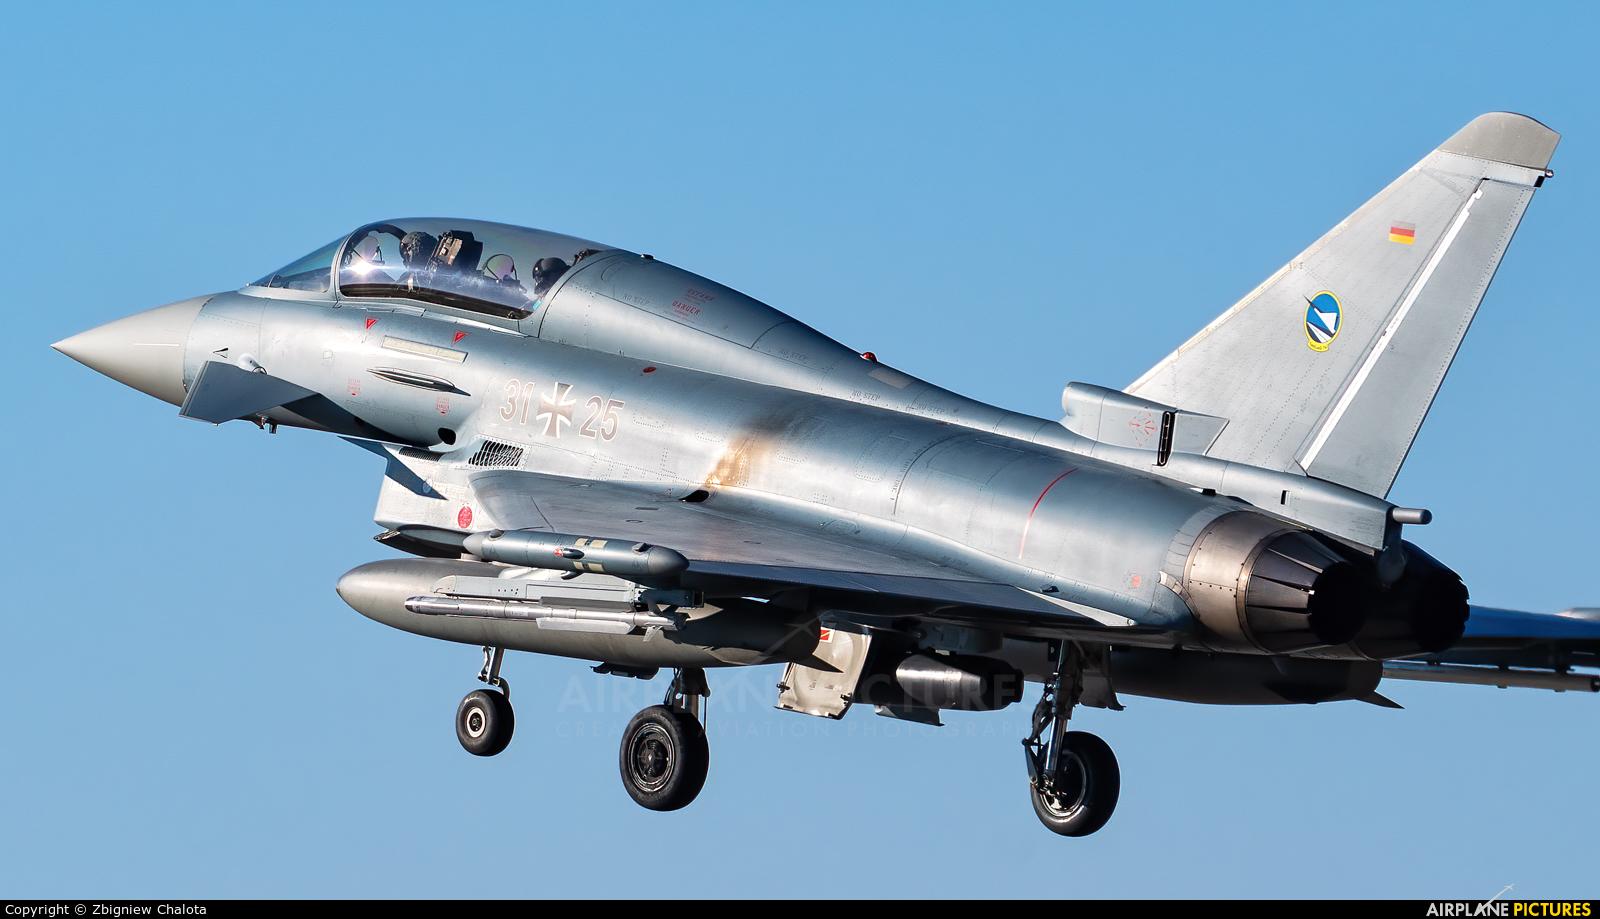 Germany - Air Force 31+25 aircraft at Neuburg - Zell